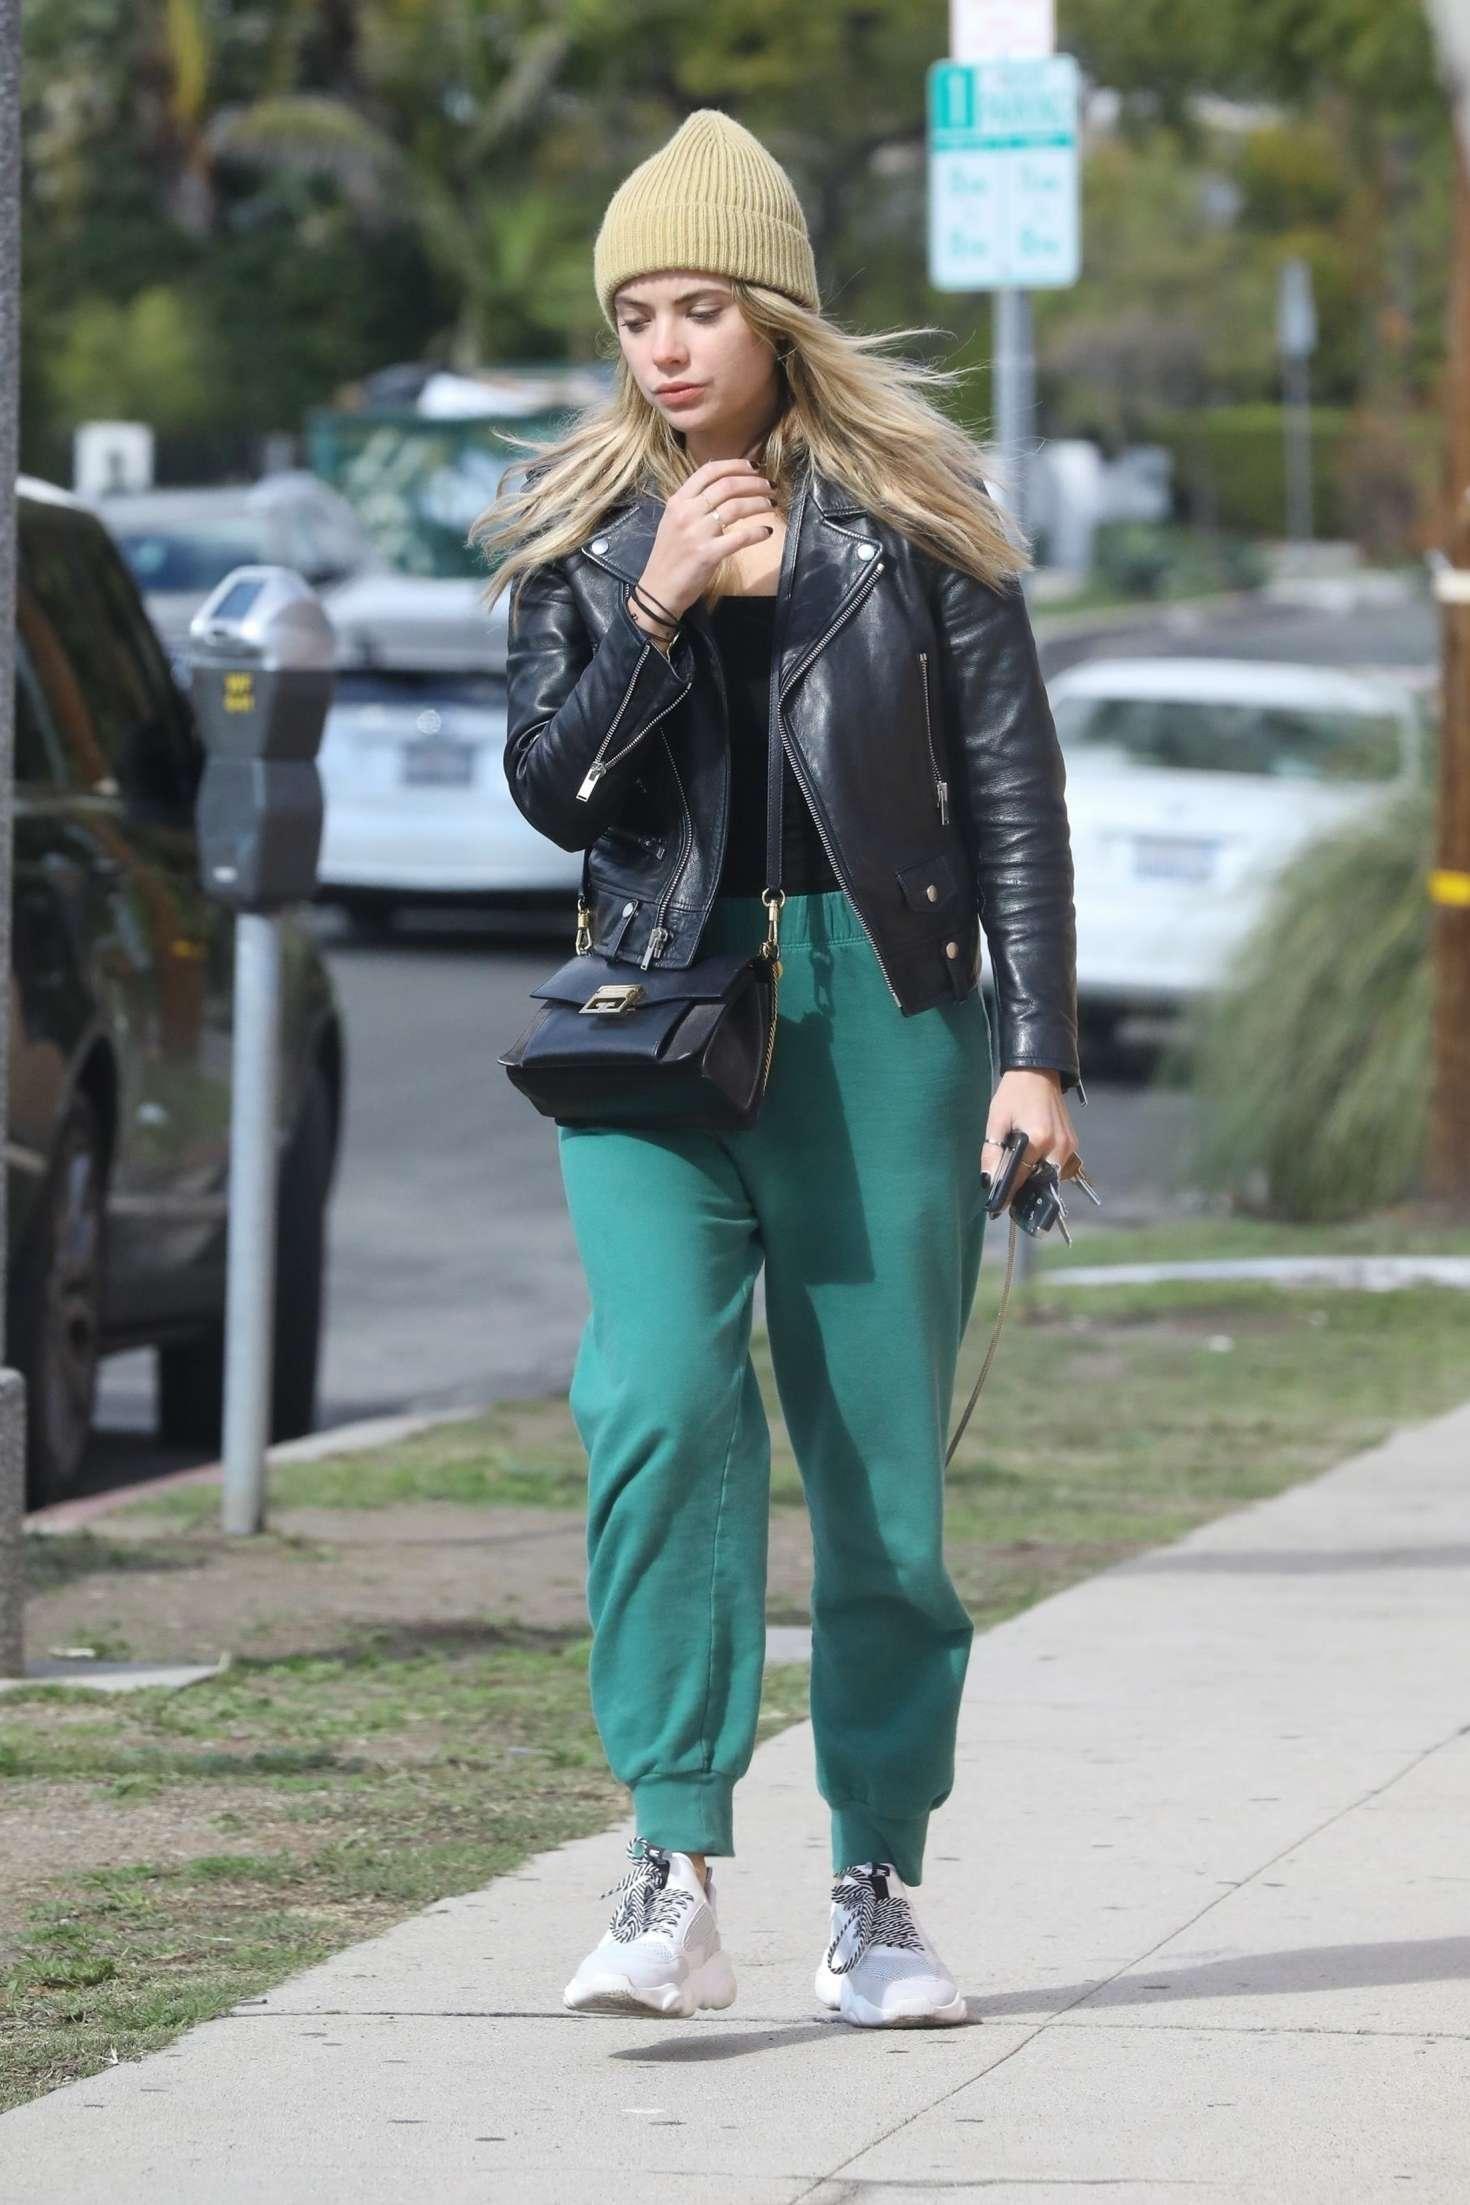 Ashley Benson in Green Sweatpants - Out in LA